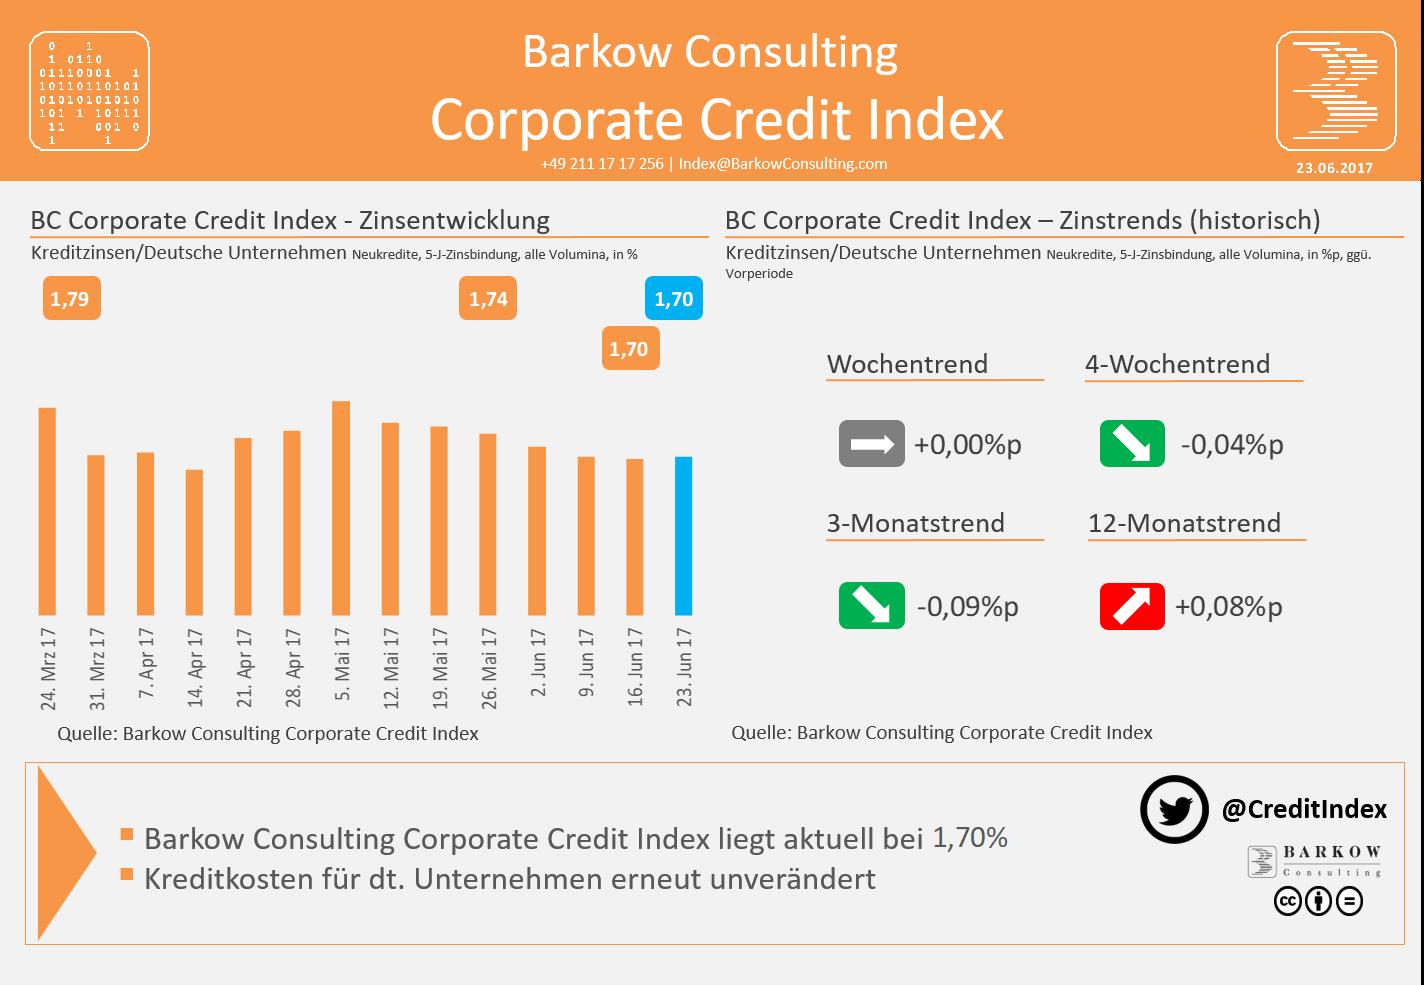 Corporate Credit Index von Barkow Consulting